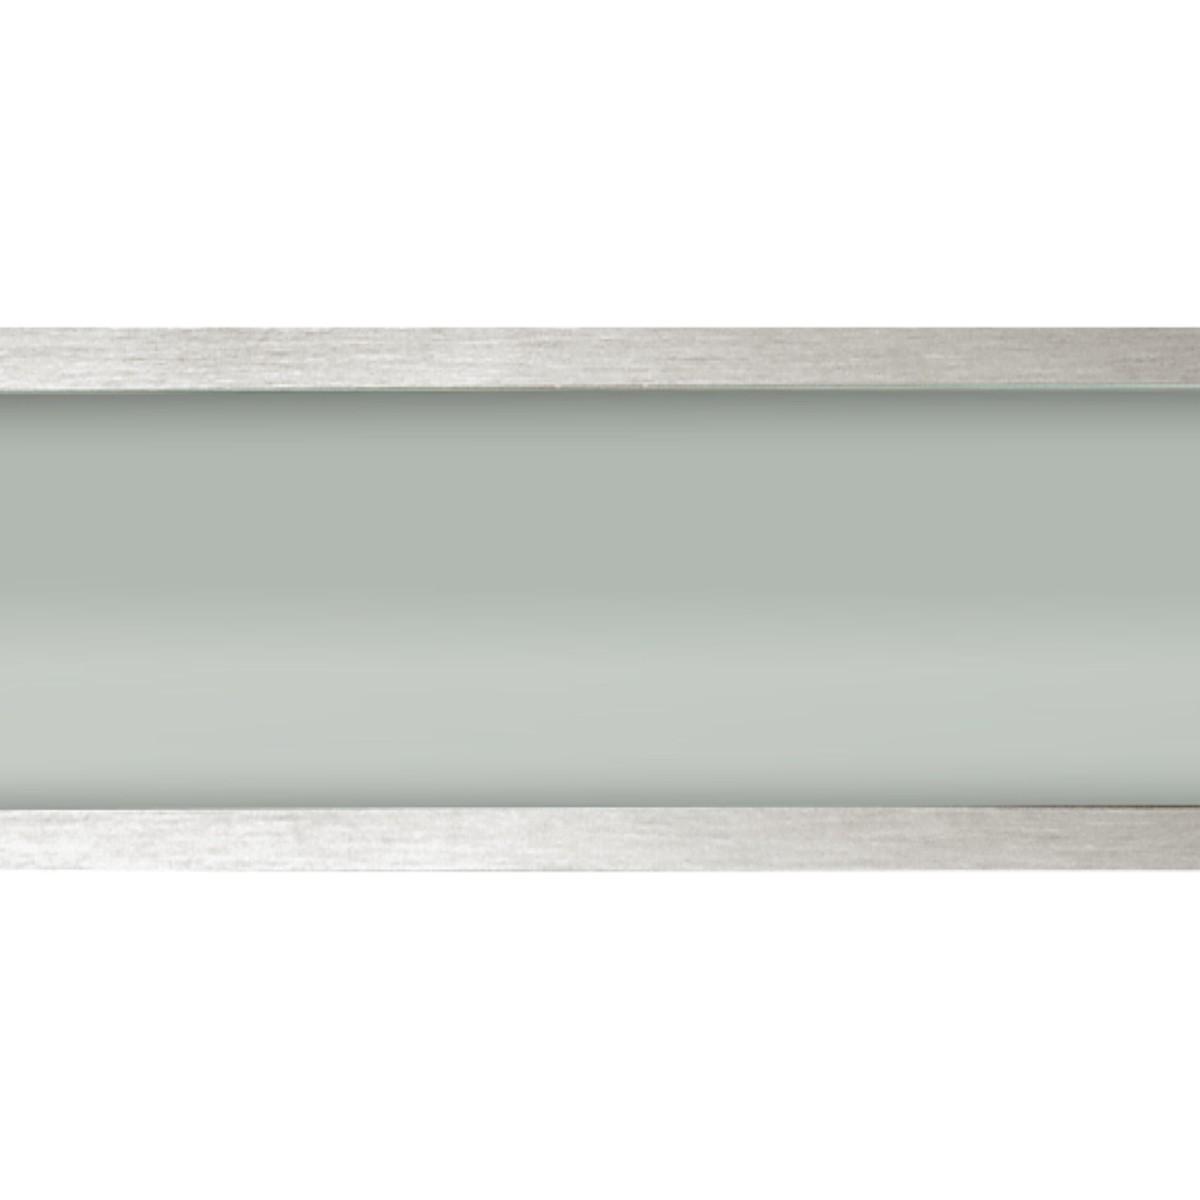 Plafon Space Emb. Ret.   35cm Alum. Vidro Fosco E-27 2 Lamp. Max 60w Escovado Kit Com 05 Unidades